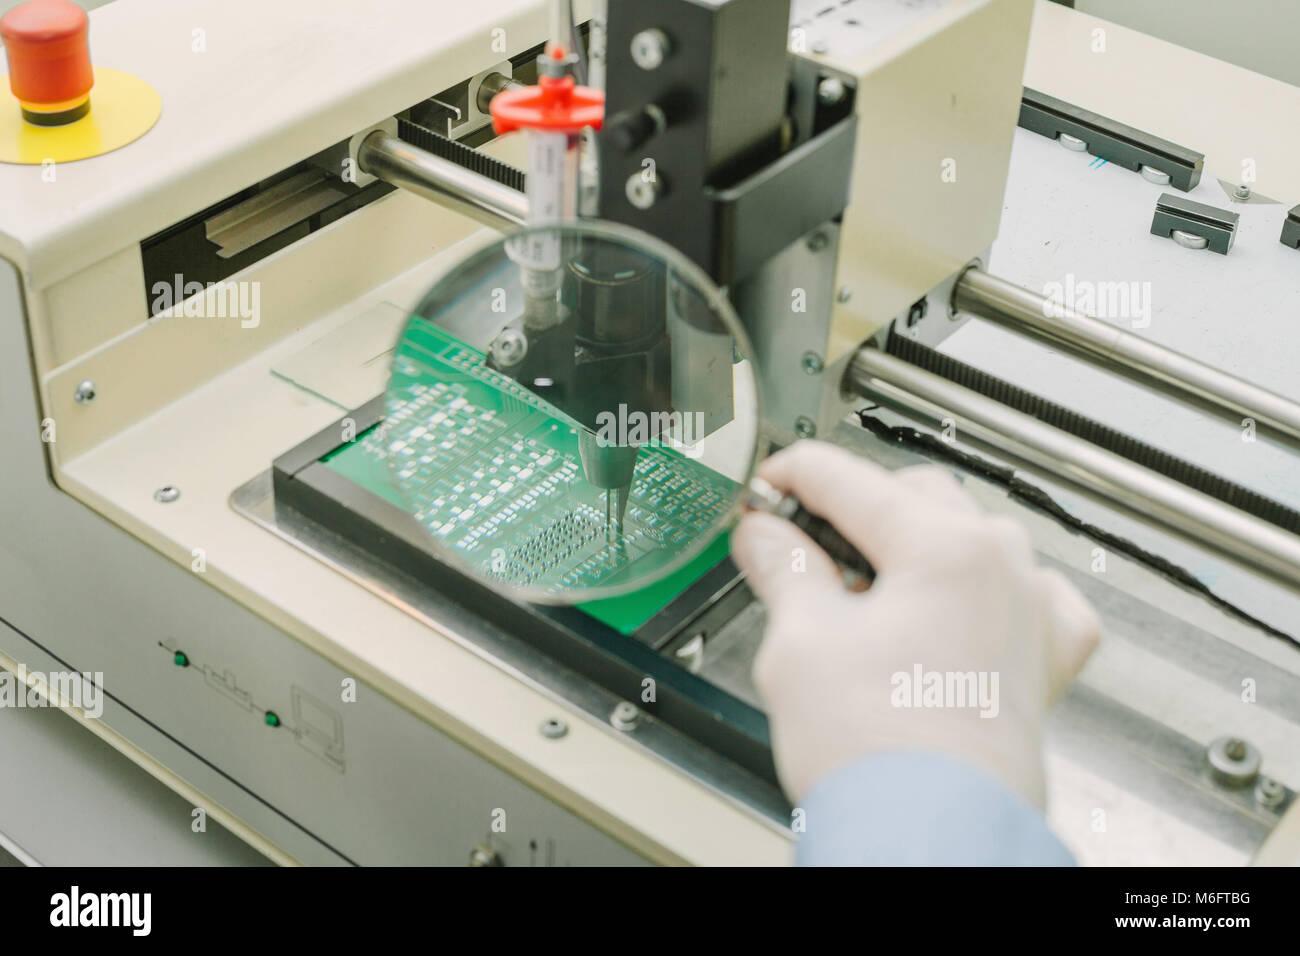 Automatisierung der Zusammenbau der Maschine der Computerplatine in der Fabrik für die Produktion von Komponenten Stockbild